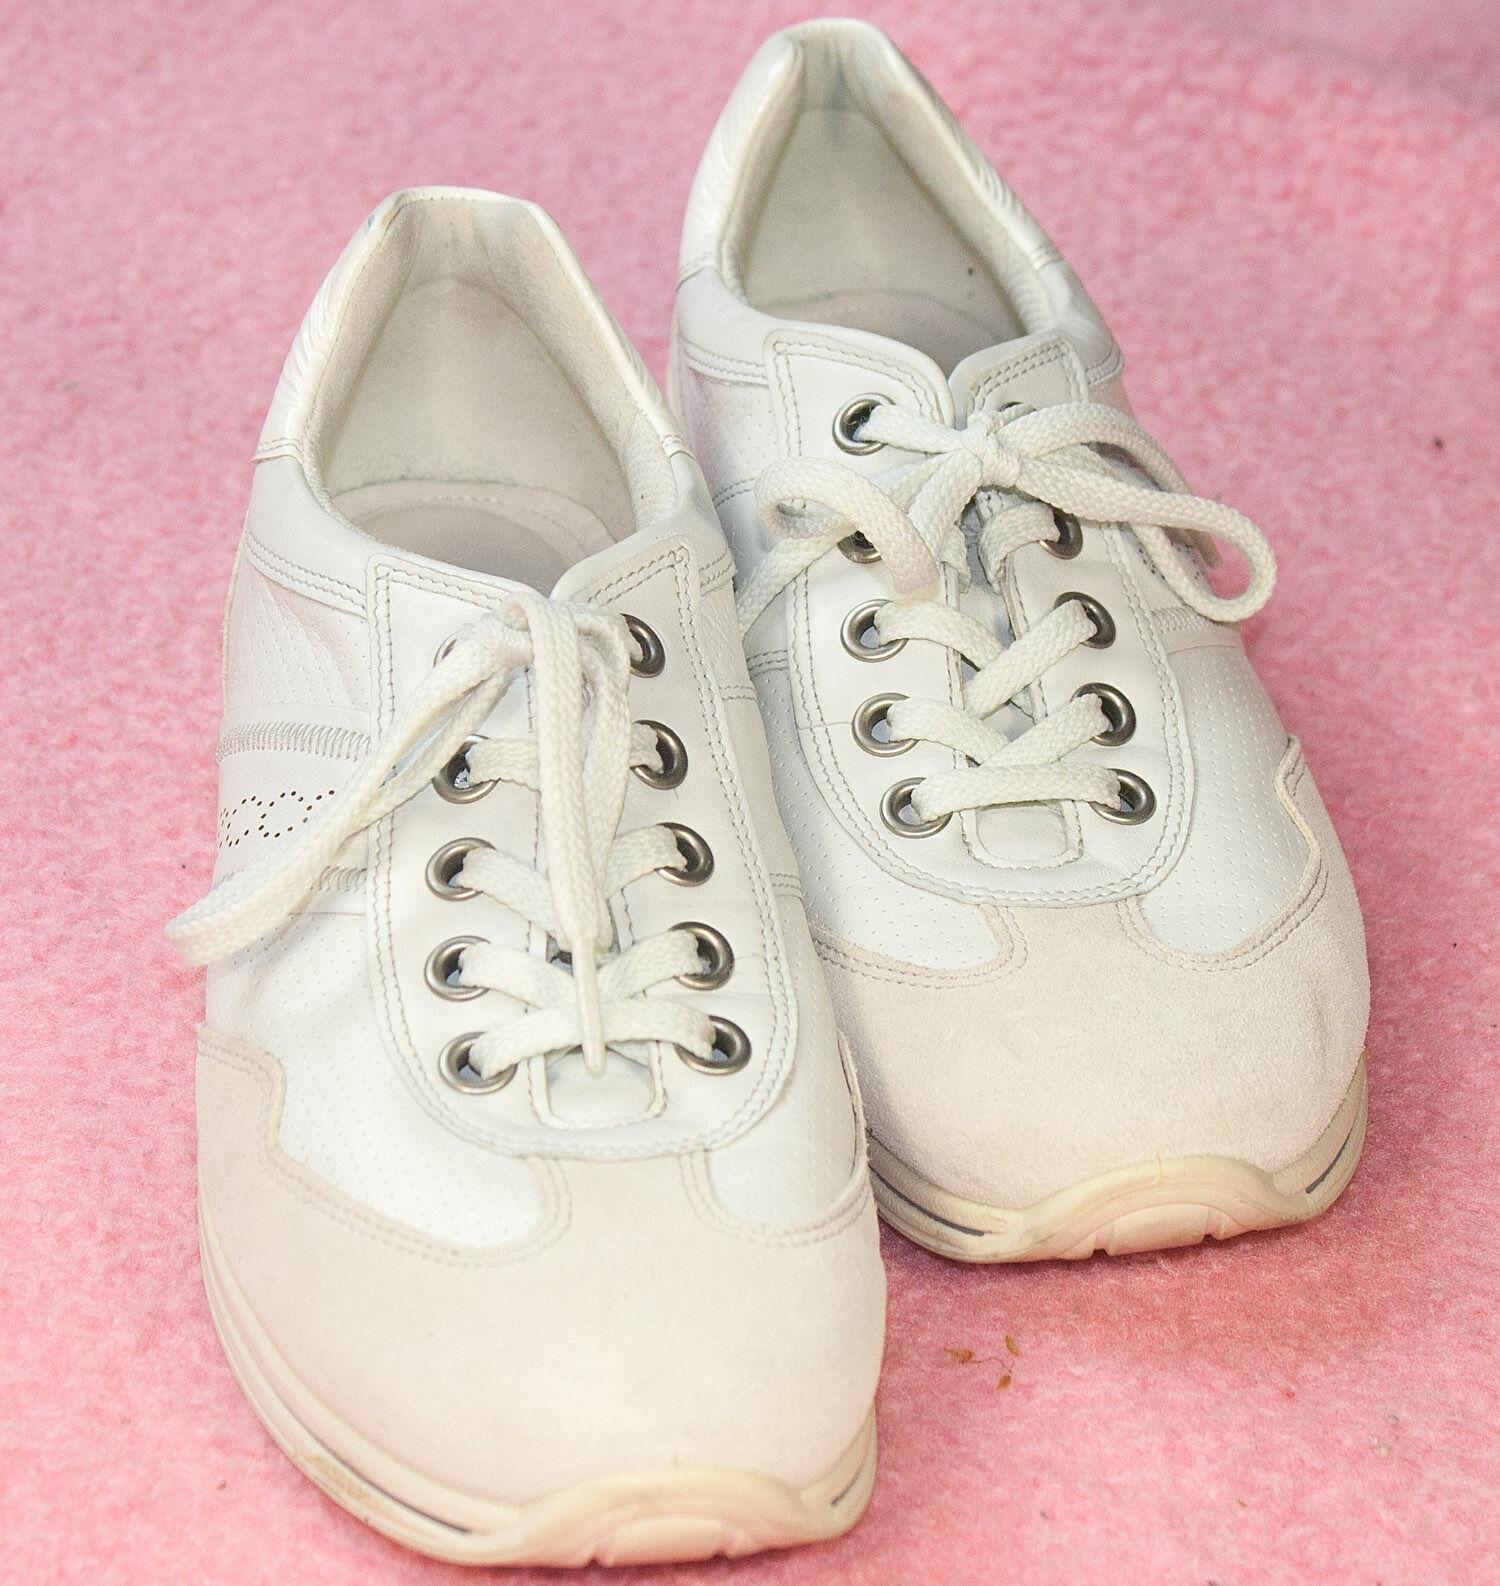 Ecco ♥ ♥ ♥ loafer ♥ con cordones zapatos ♥ ♥ talla 42 ♥  IMPECABLE  ♥ cuero ♥ herusnehmbar suela  sin mínimo